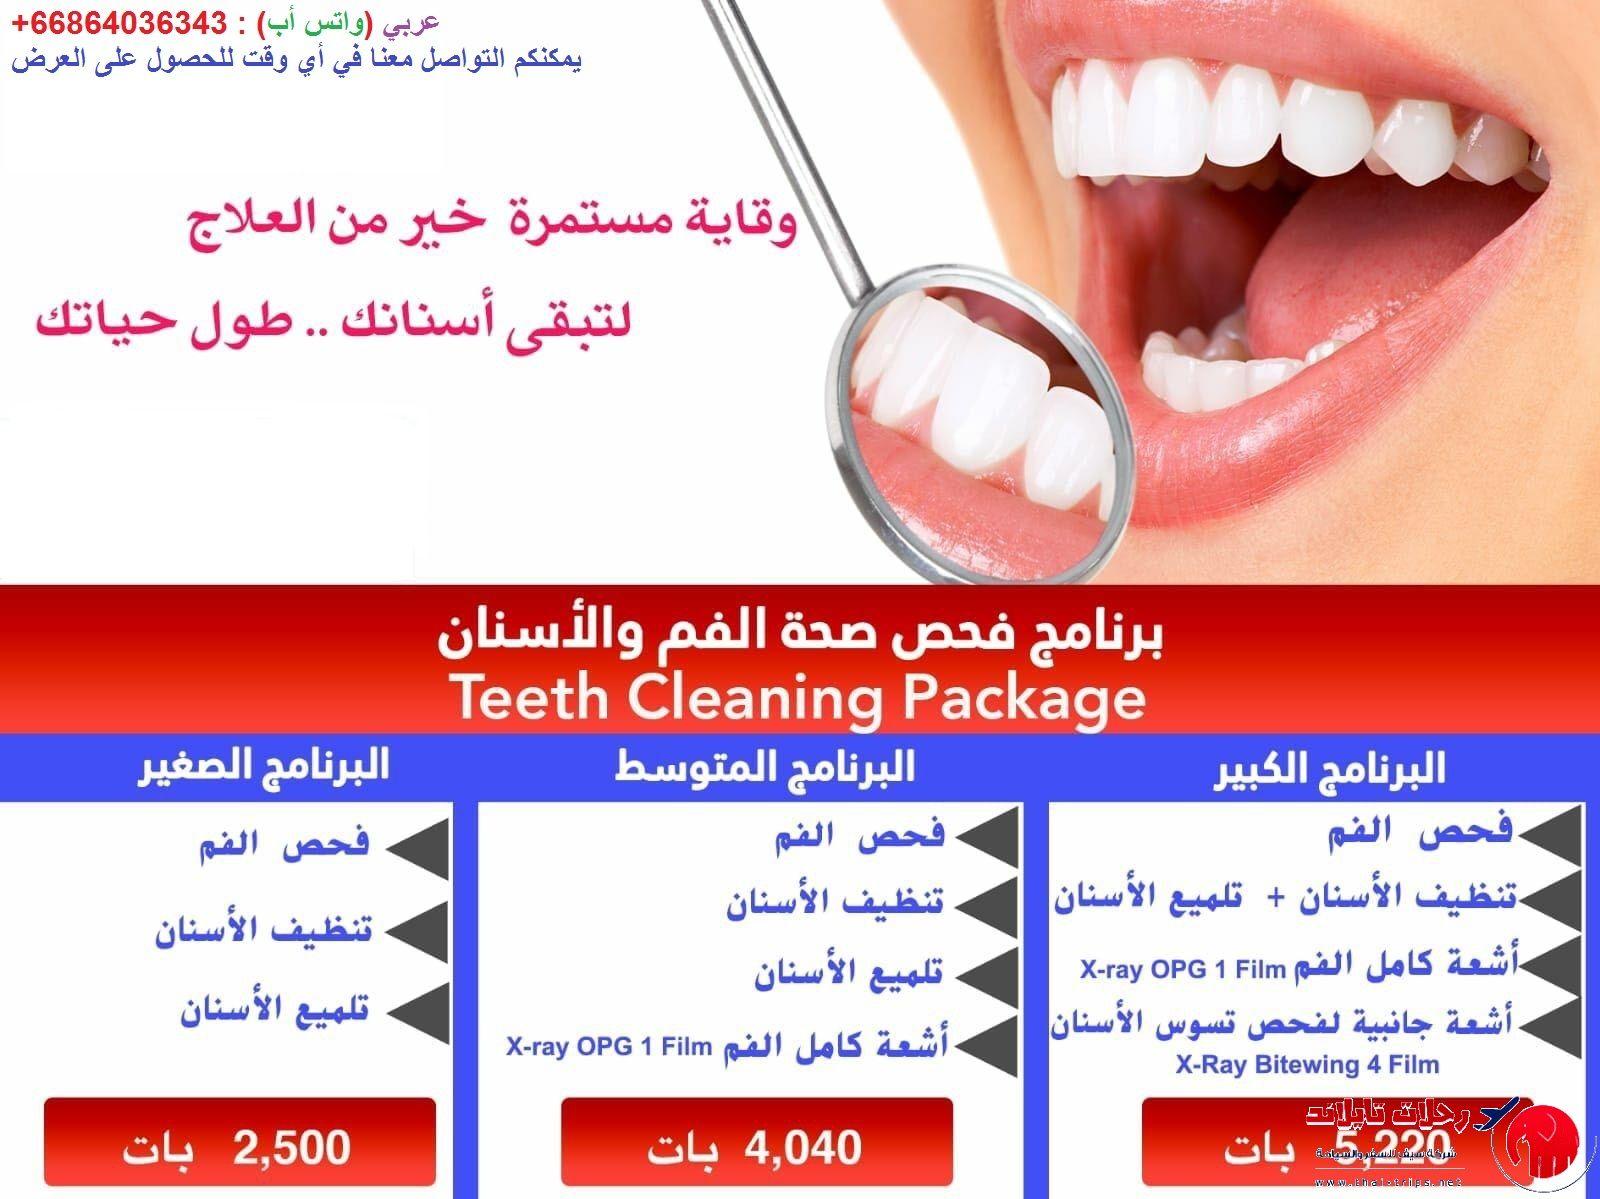 برنامج فحص صحة الفم و الأسنان ووقايتها بأفضل الأسعار لدينا Teeth Cleaning Teeth Cleaning